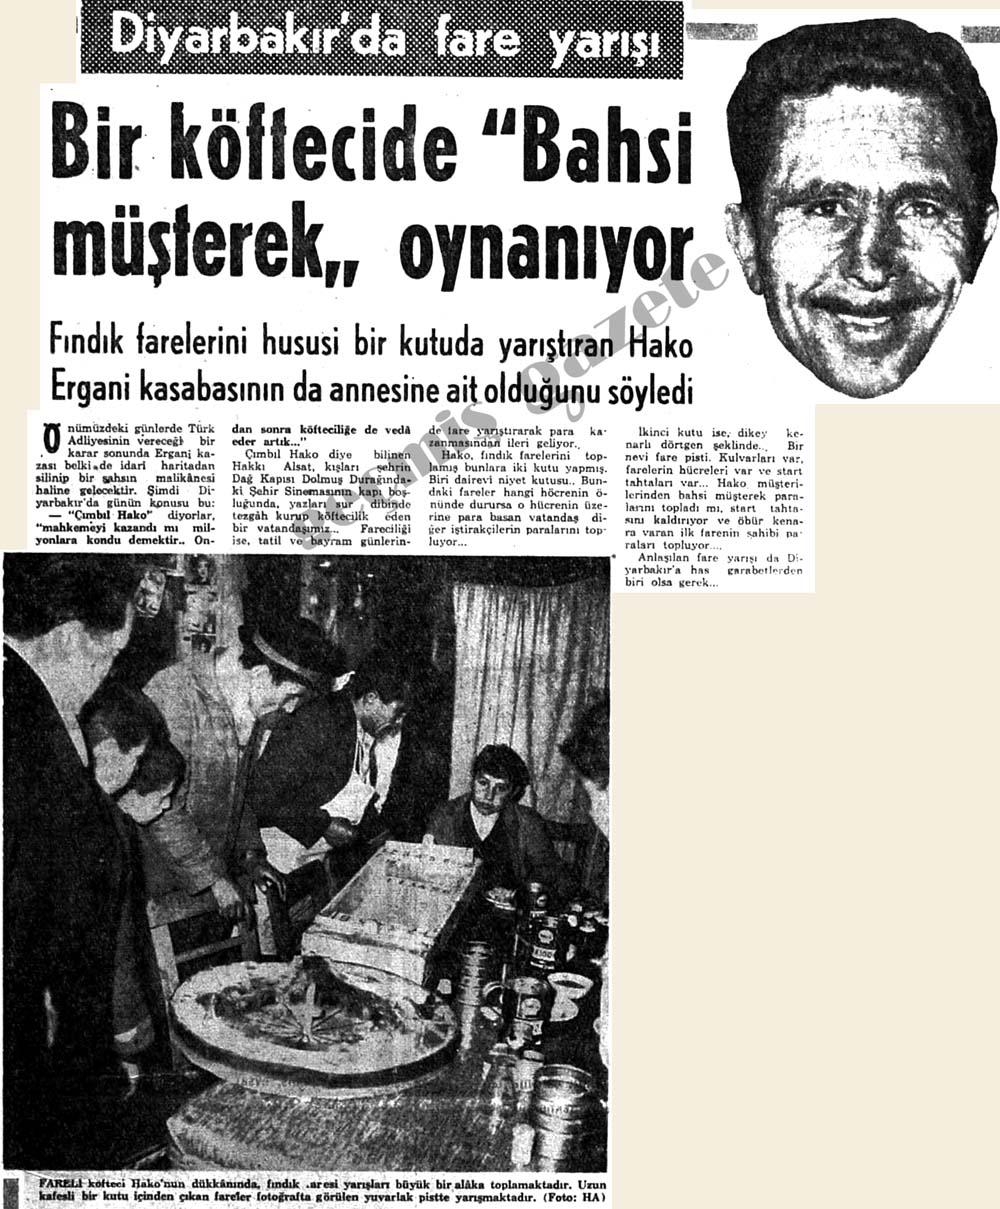 """Diyarbakır'da fare yarışı Bir köftecide """"Bahsi müşterek"""" oynanıyor"""